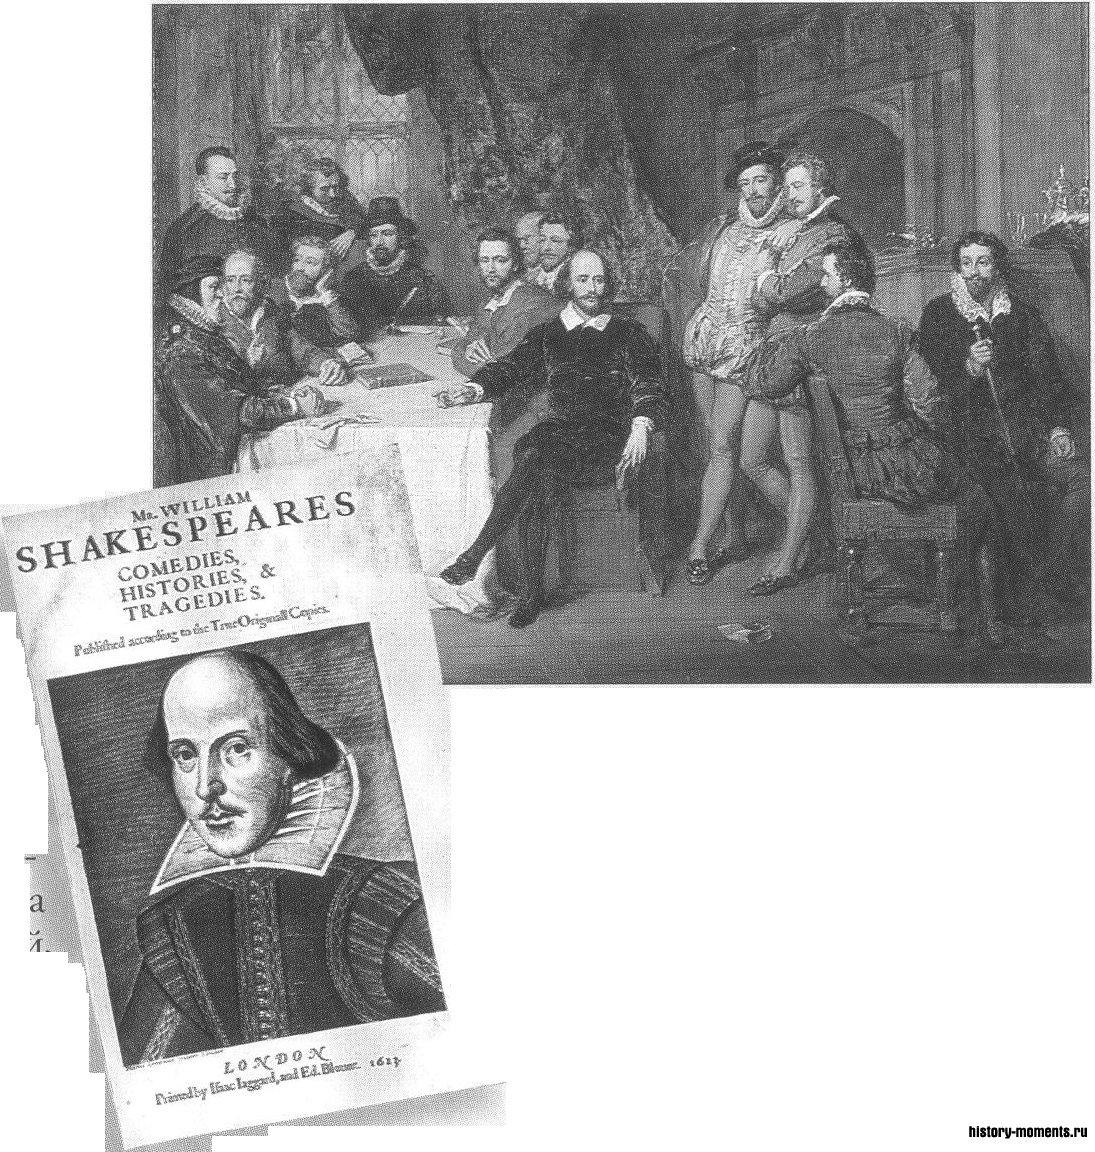 Шекспир беседует с друзьями (картина XX в.). Портрет великого драматурга на первом издании его пьес (1623), вероятно, ближе всего к оригиналу.